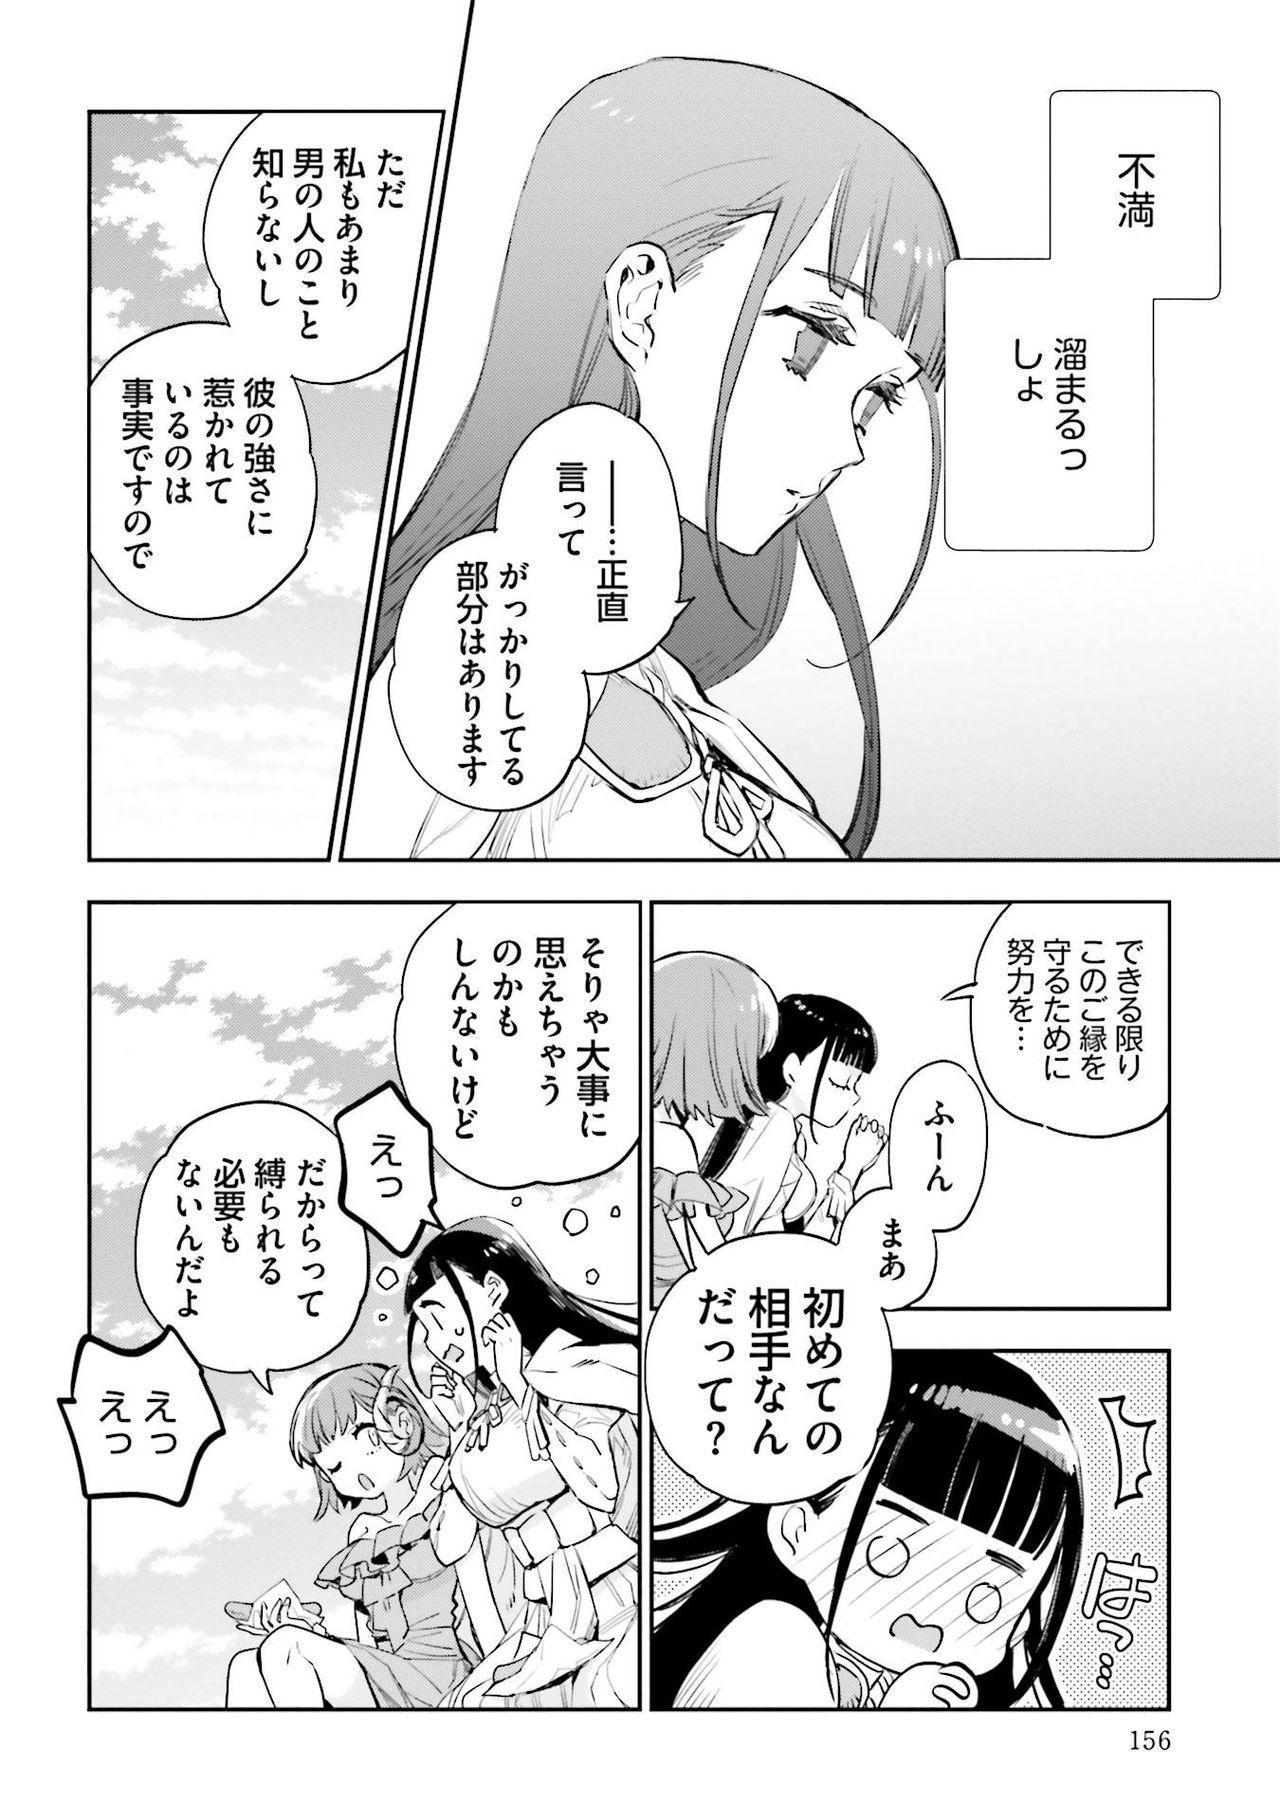 JK Haru wa Isekai de Shoufu ni Natta 1-14 515